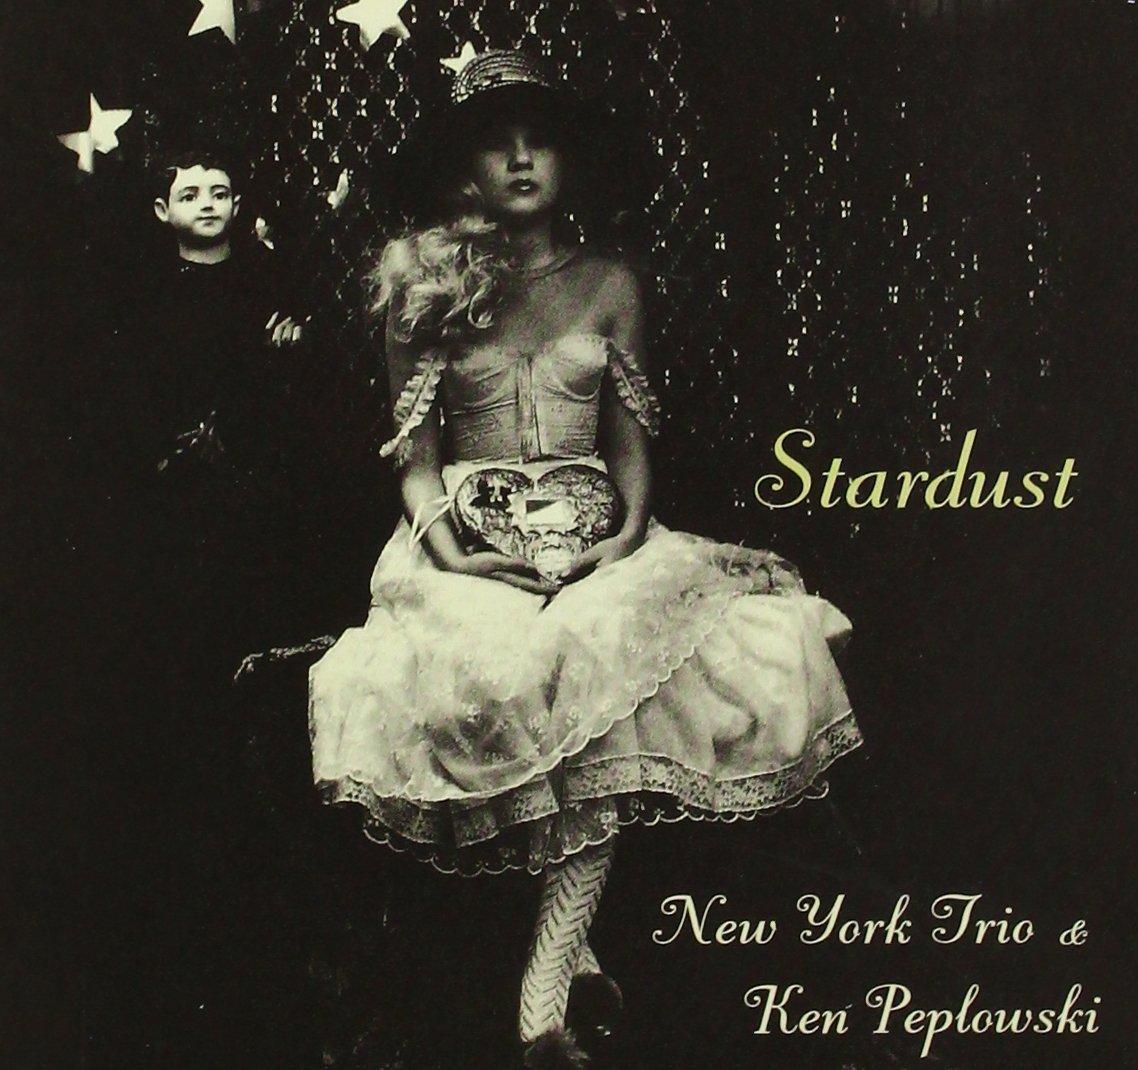 进口cd:星夜星辰hifi昔士风四重奏(cd)(vhcd1026)